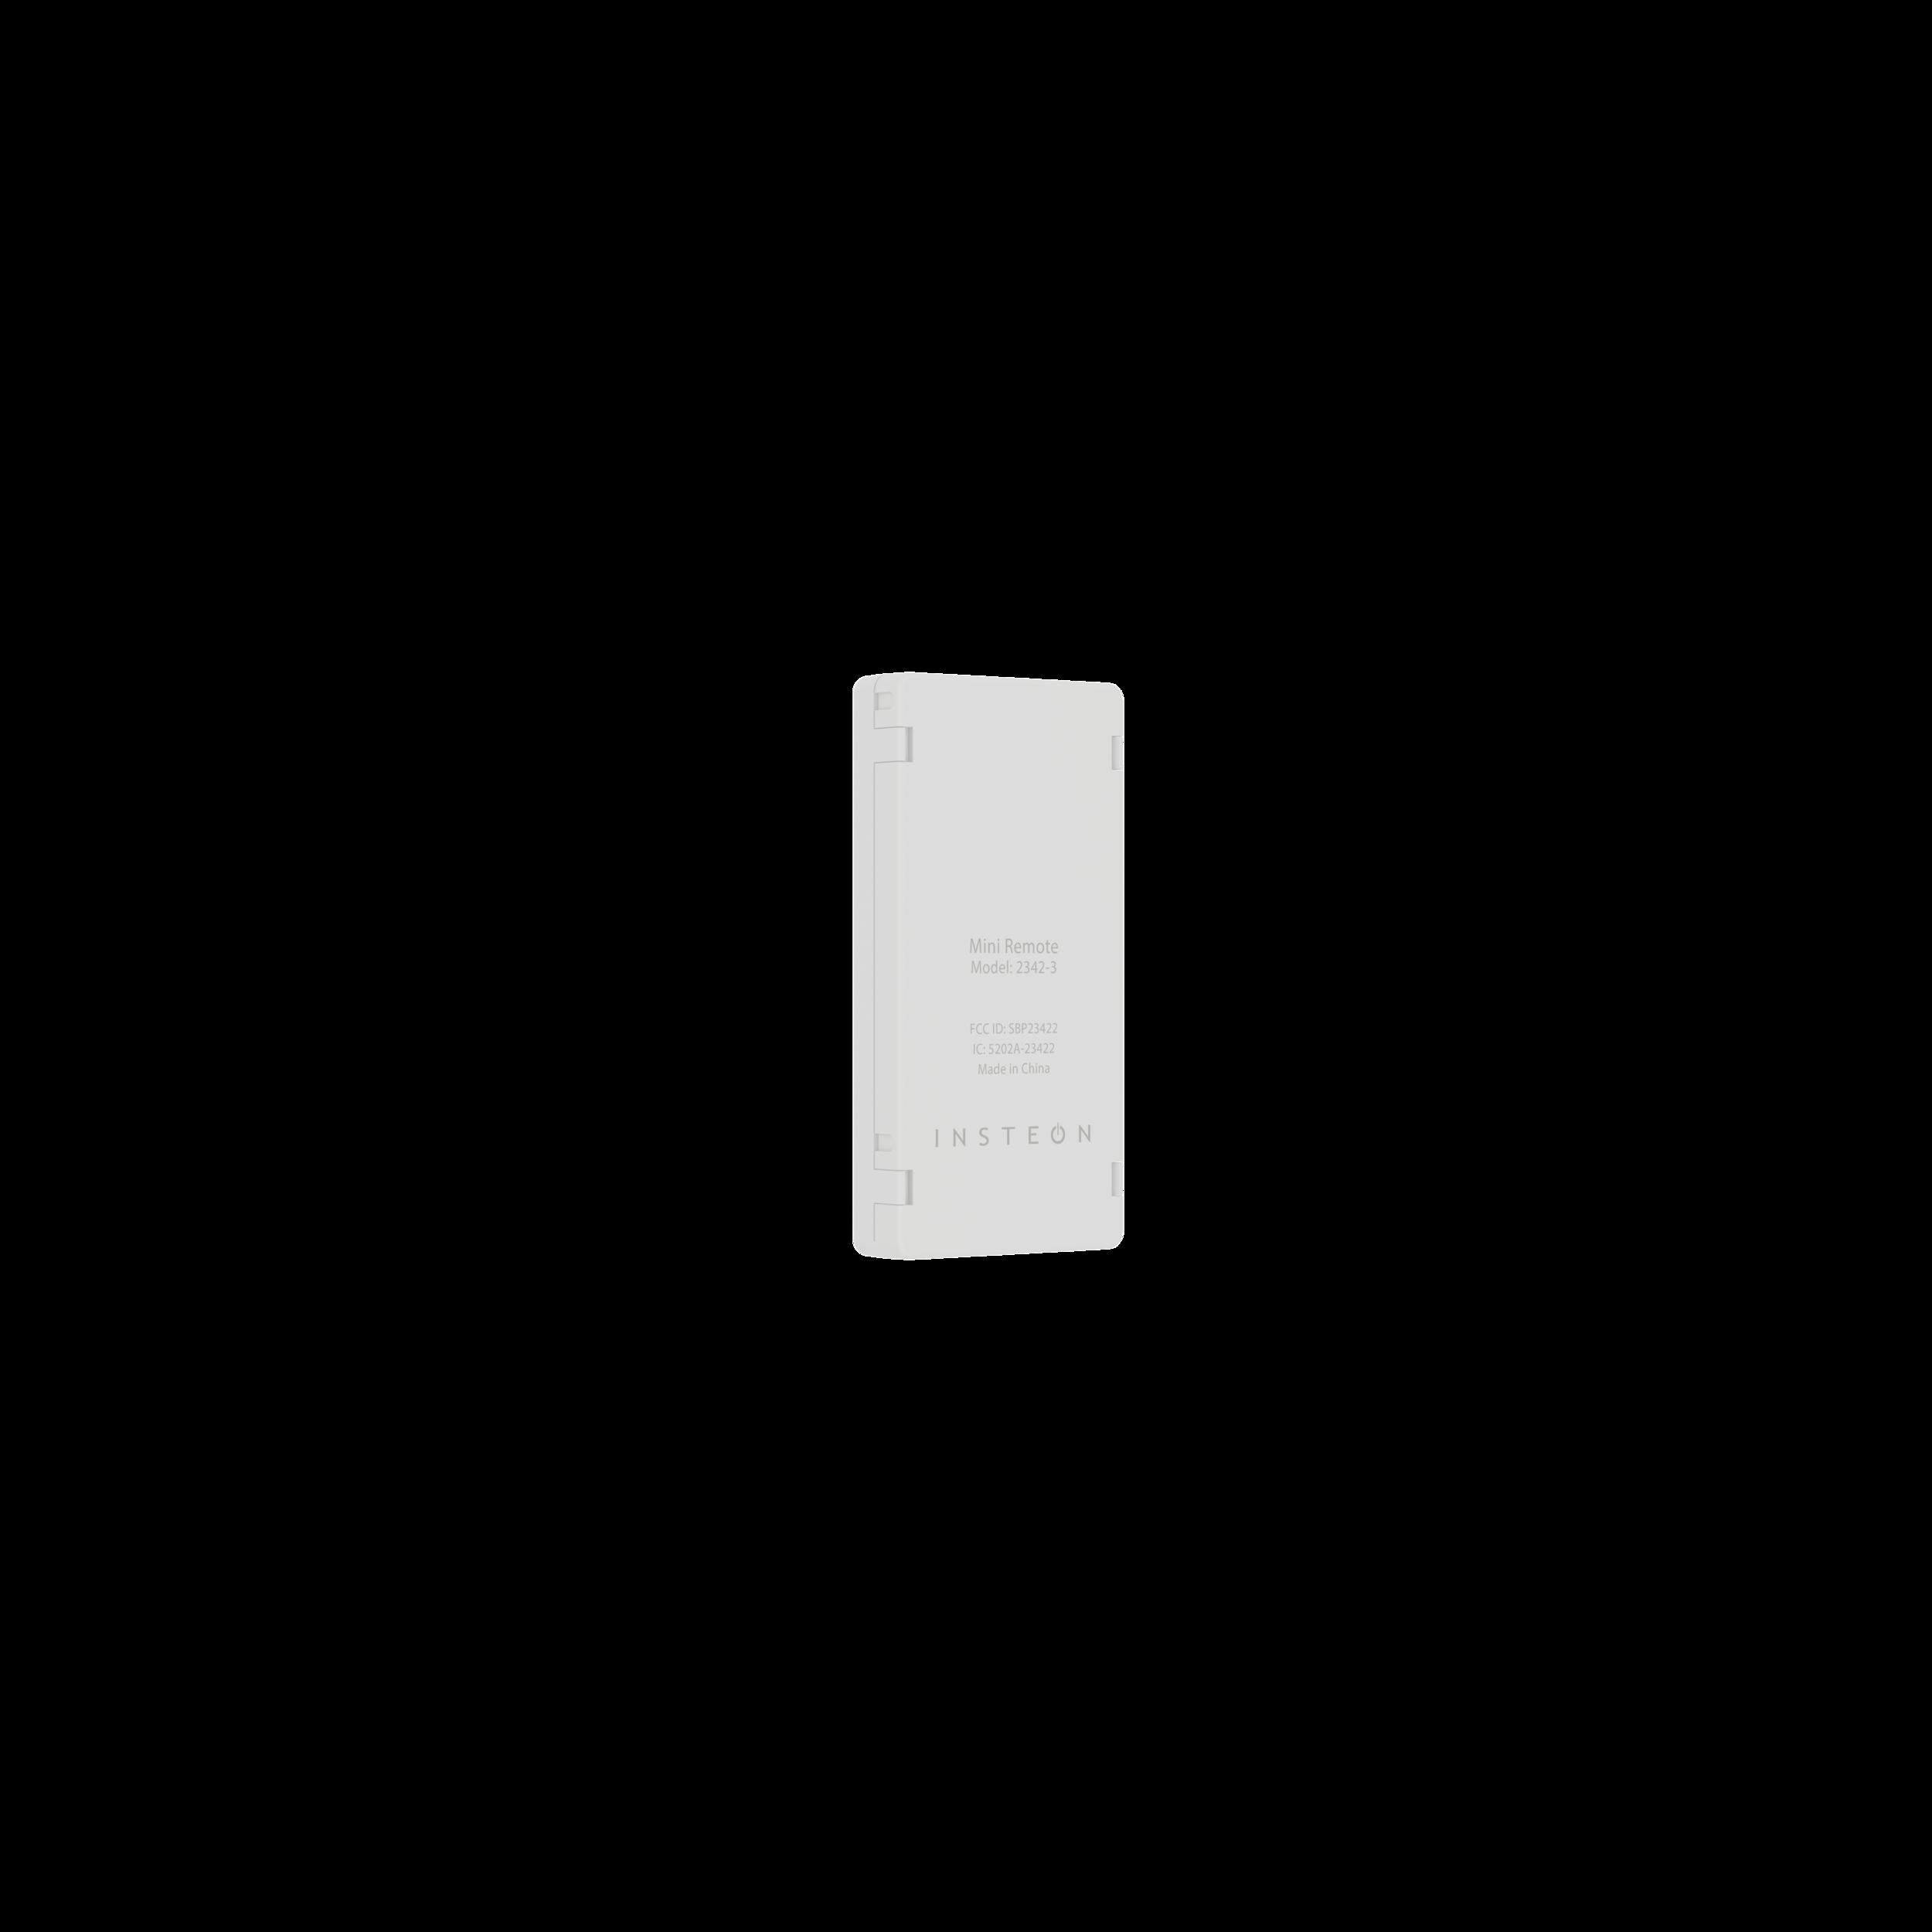 Mini Remote 04.png